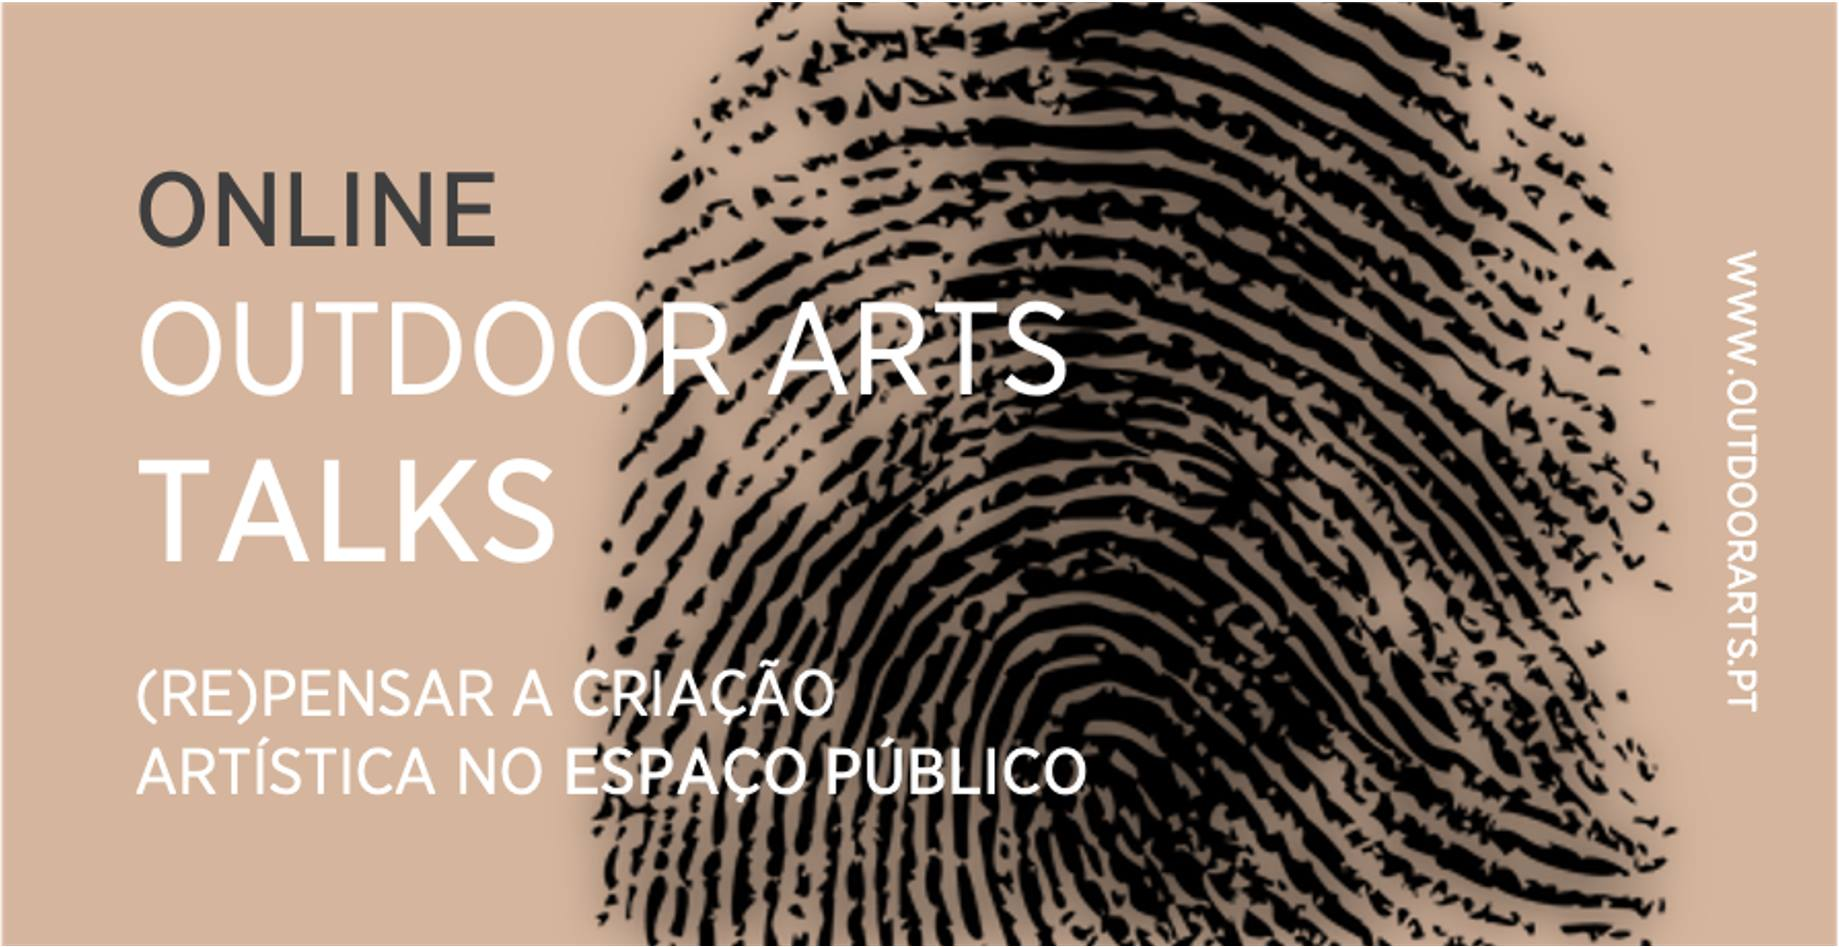 OUTDOOR ARTS TALKS - (Re)pensar a criação artística no espaço público